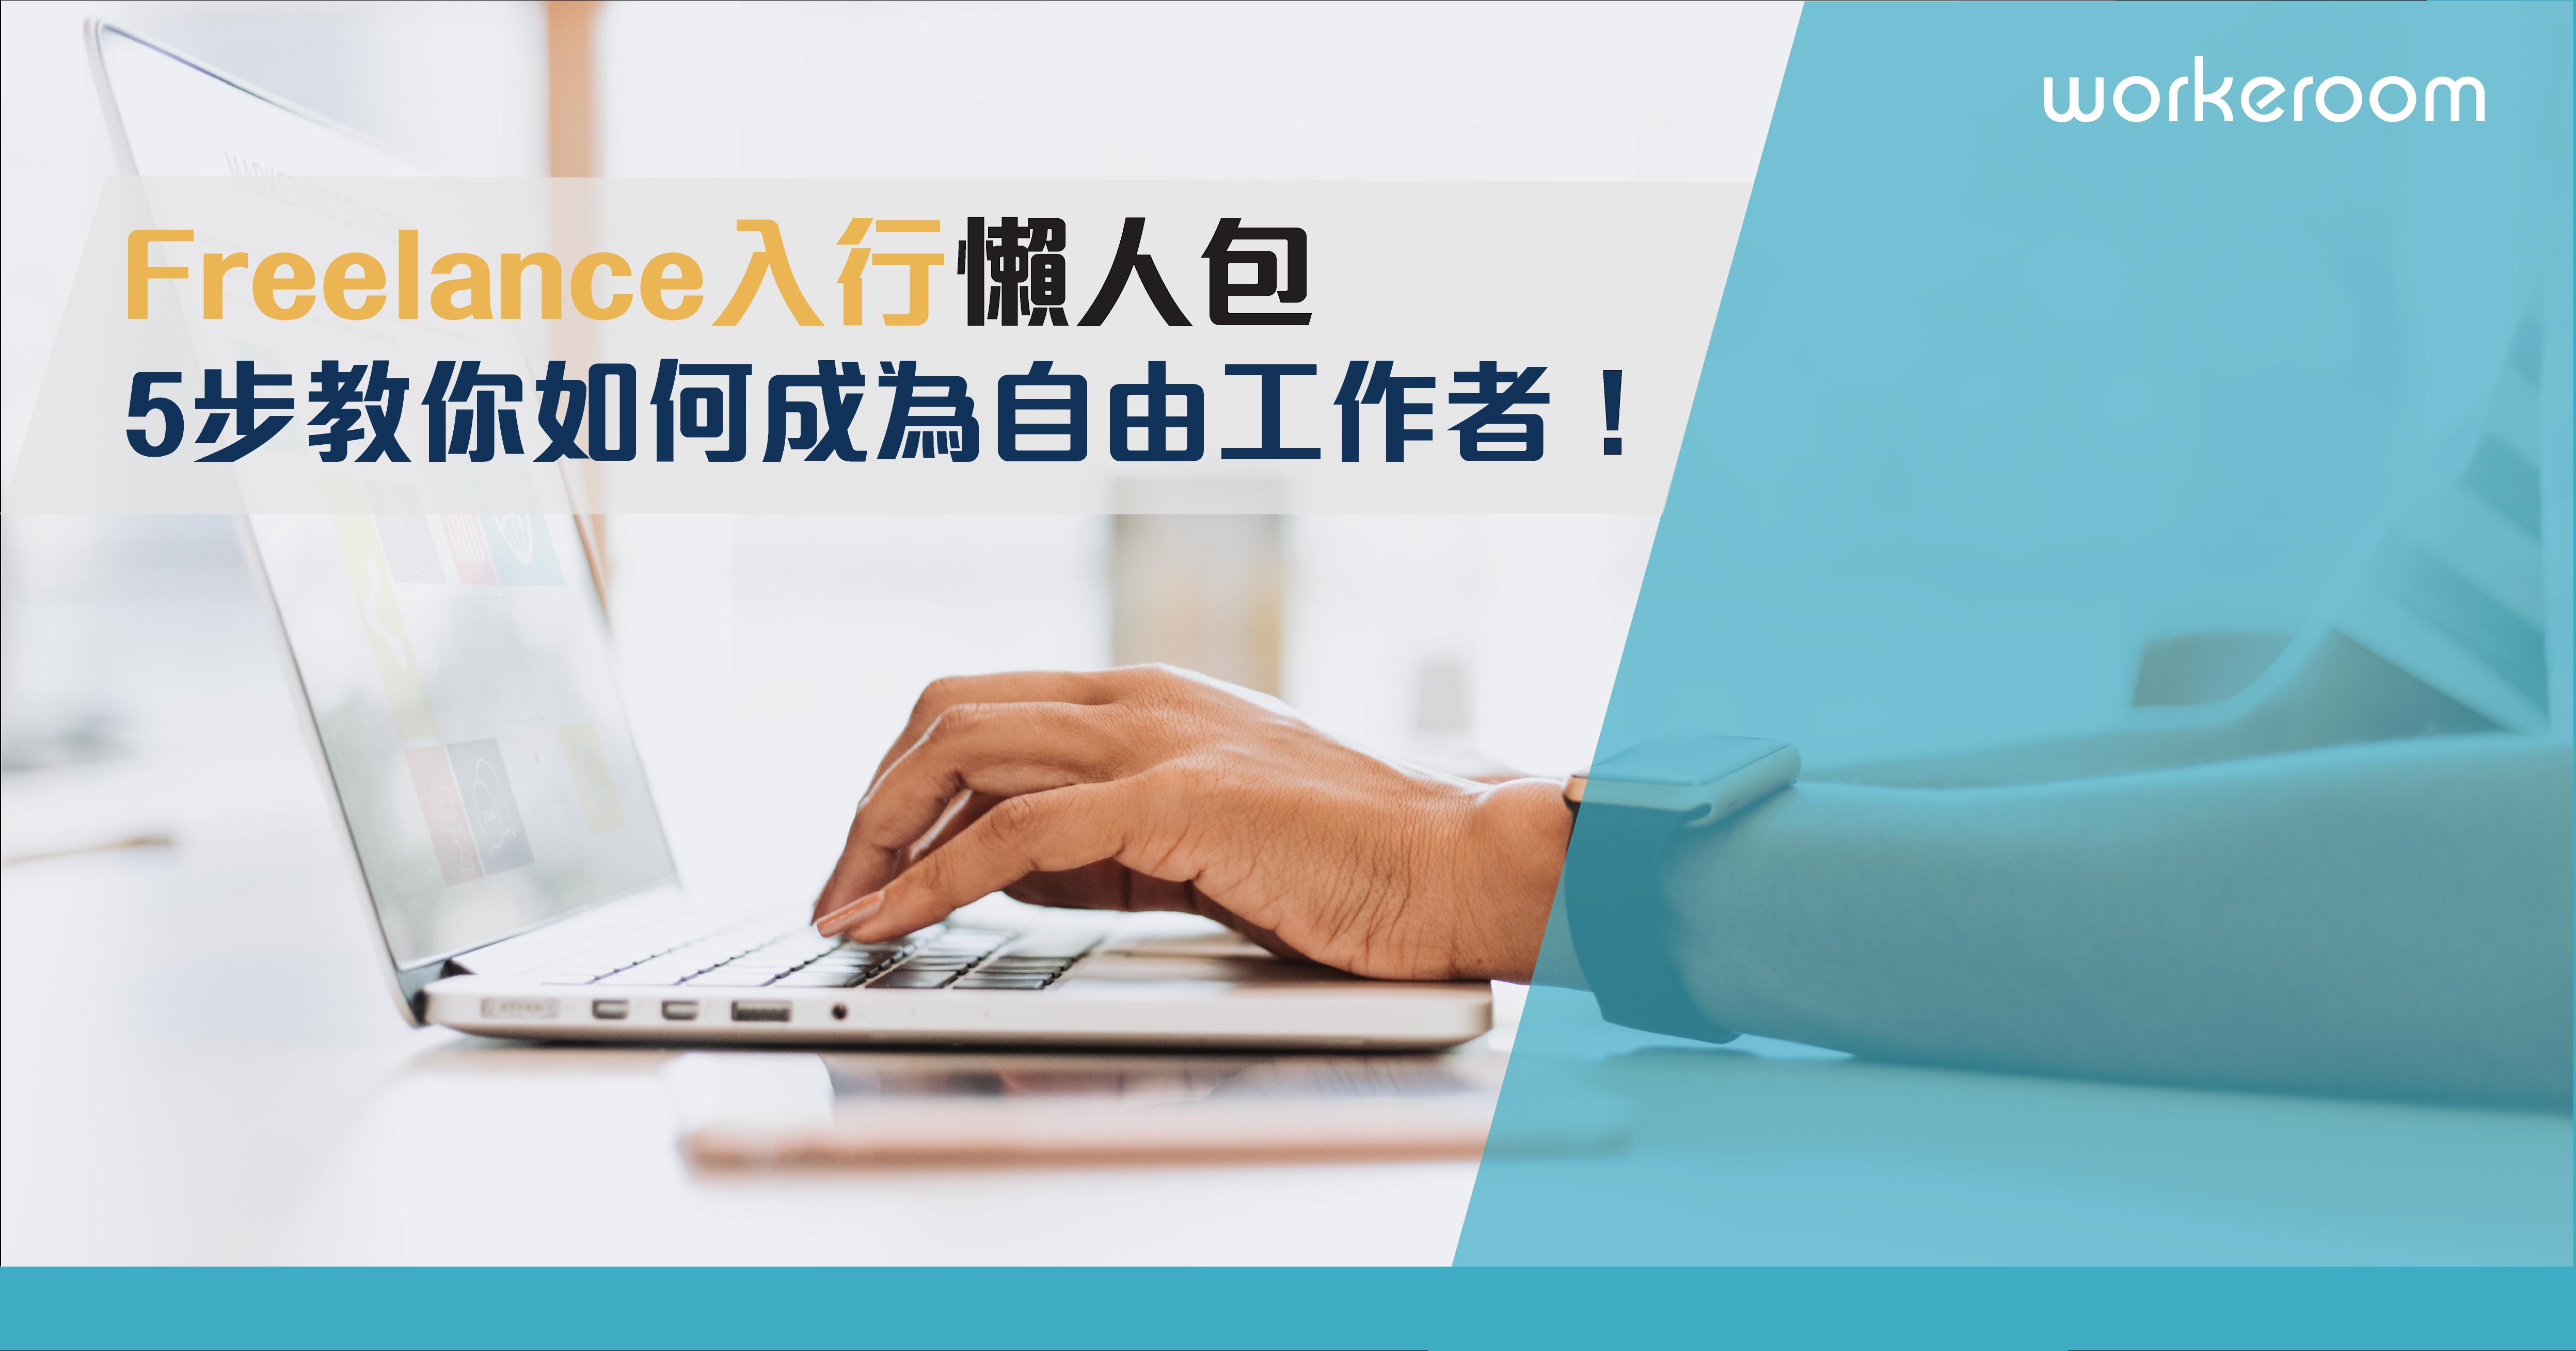 香港Freelance自由工作